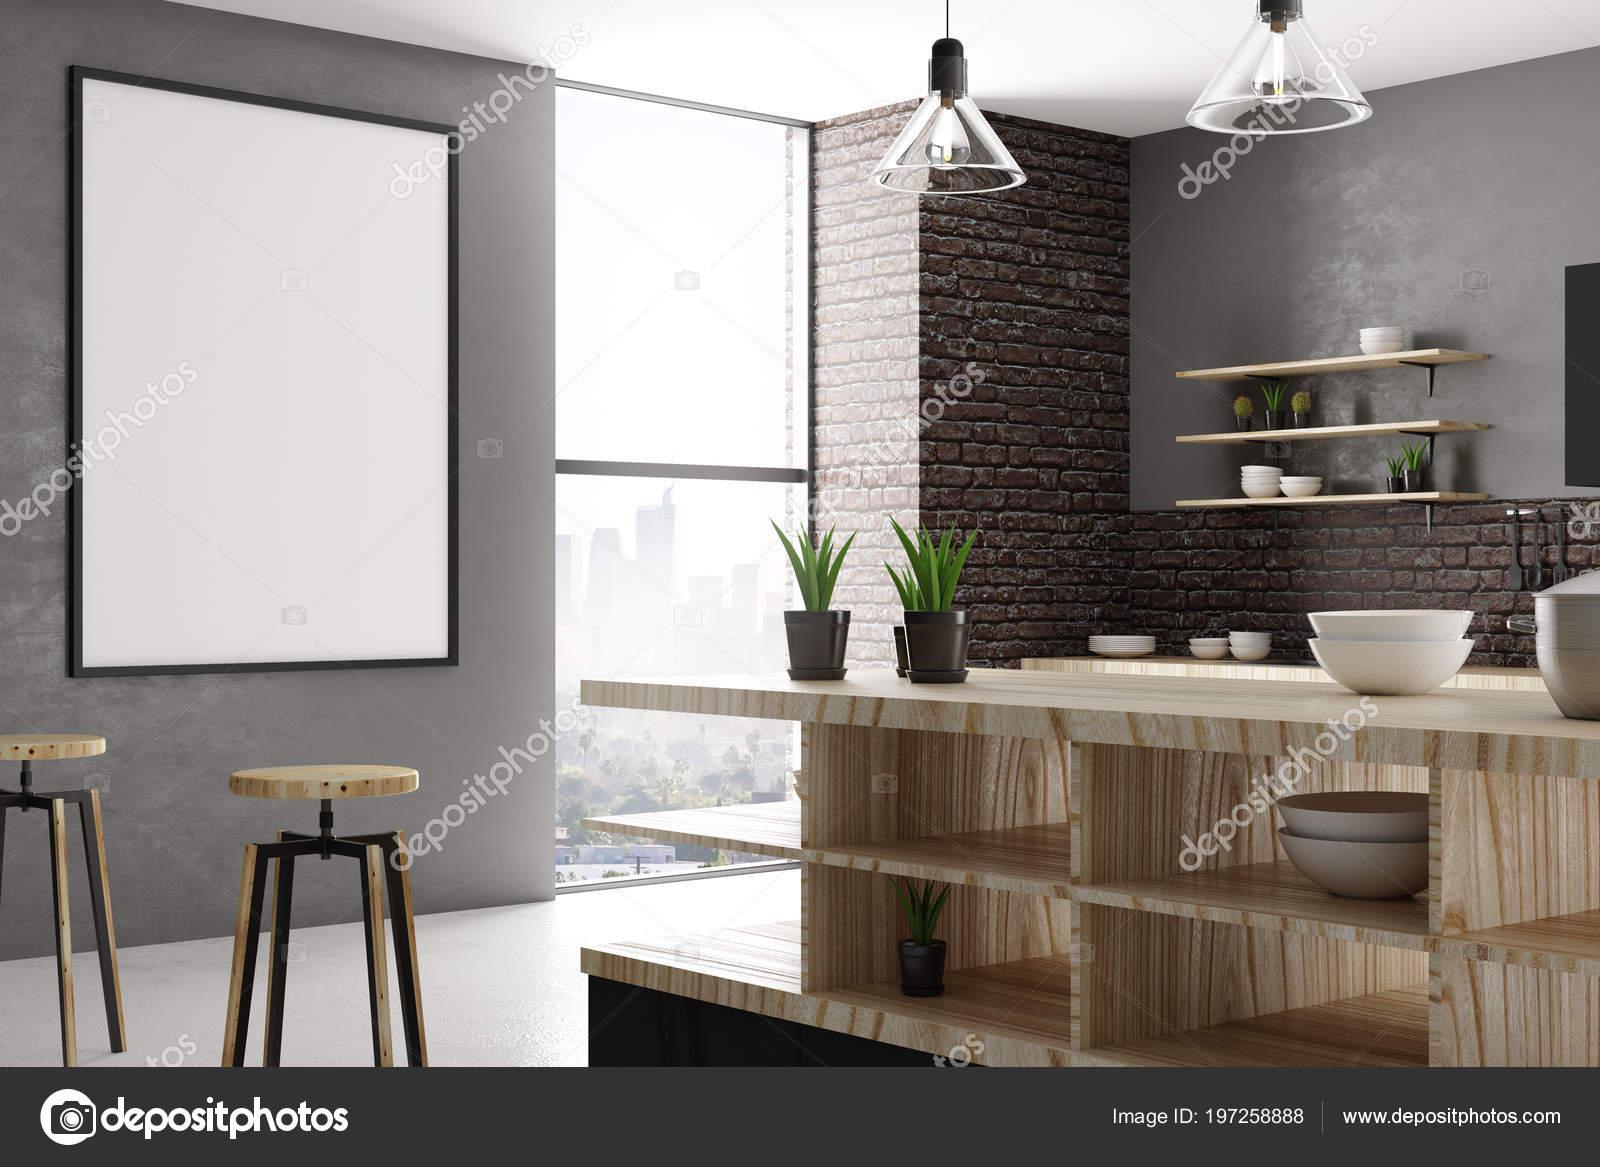 Modernes loft küche interieur mit leeren poster wand möbel und